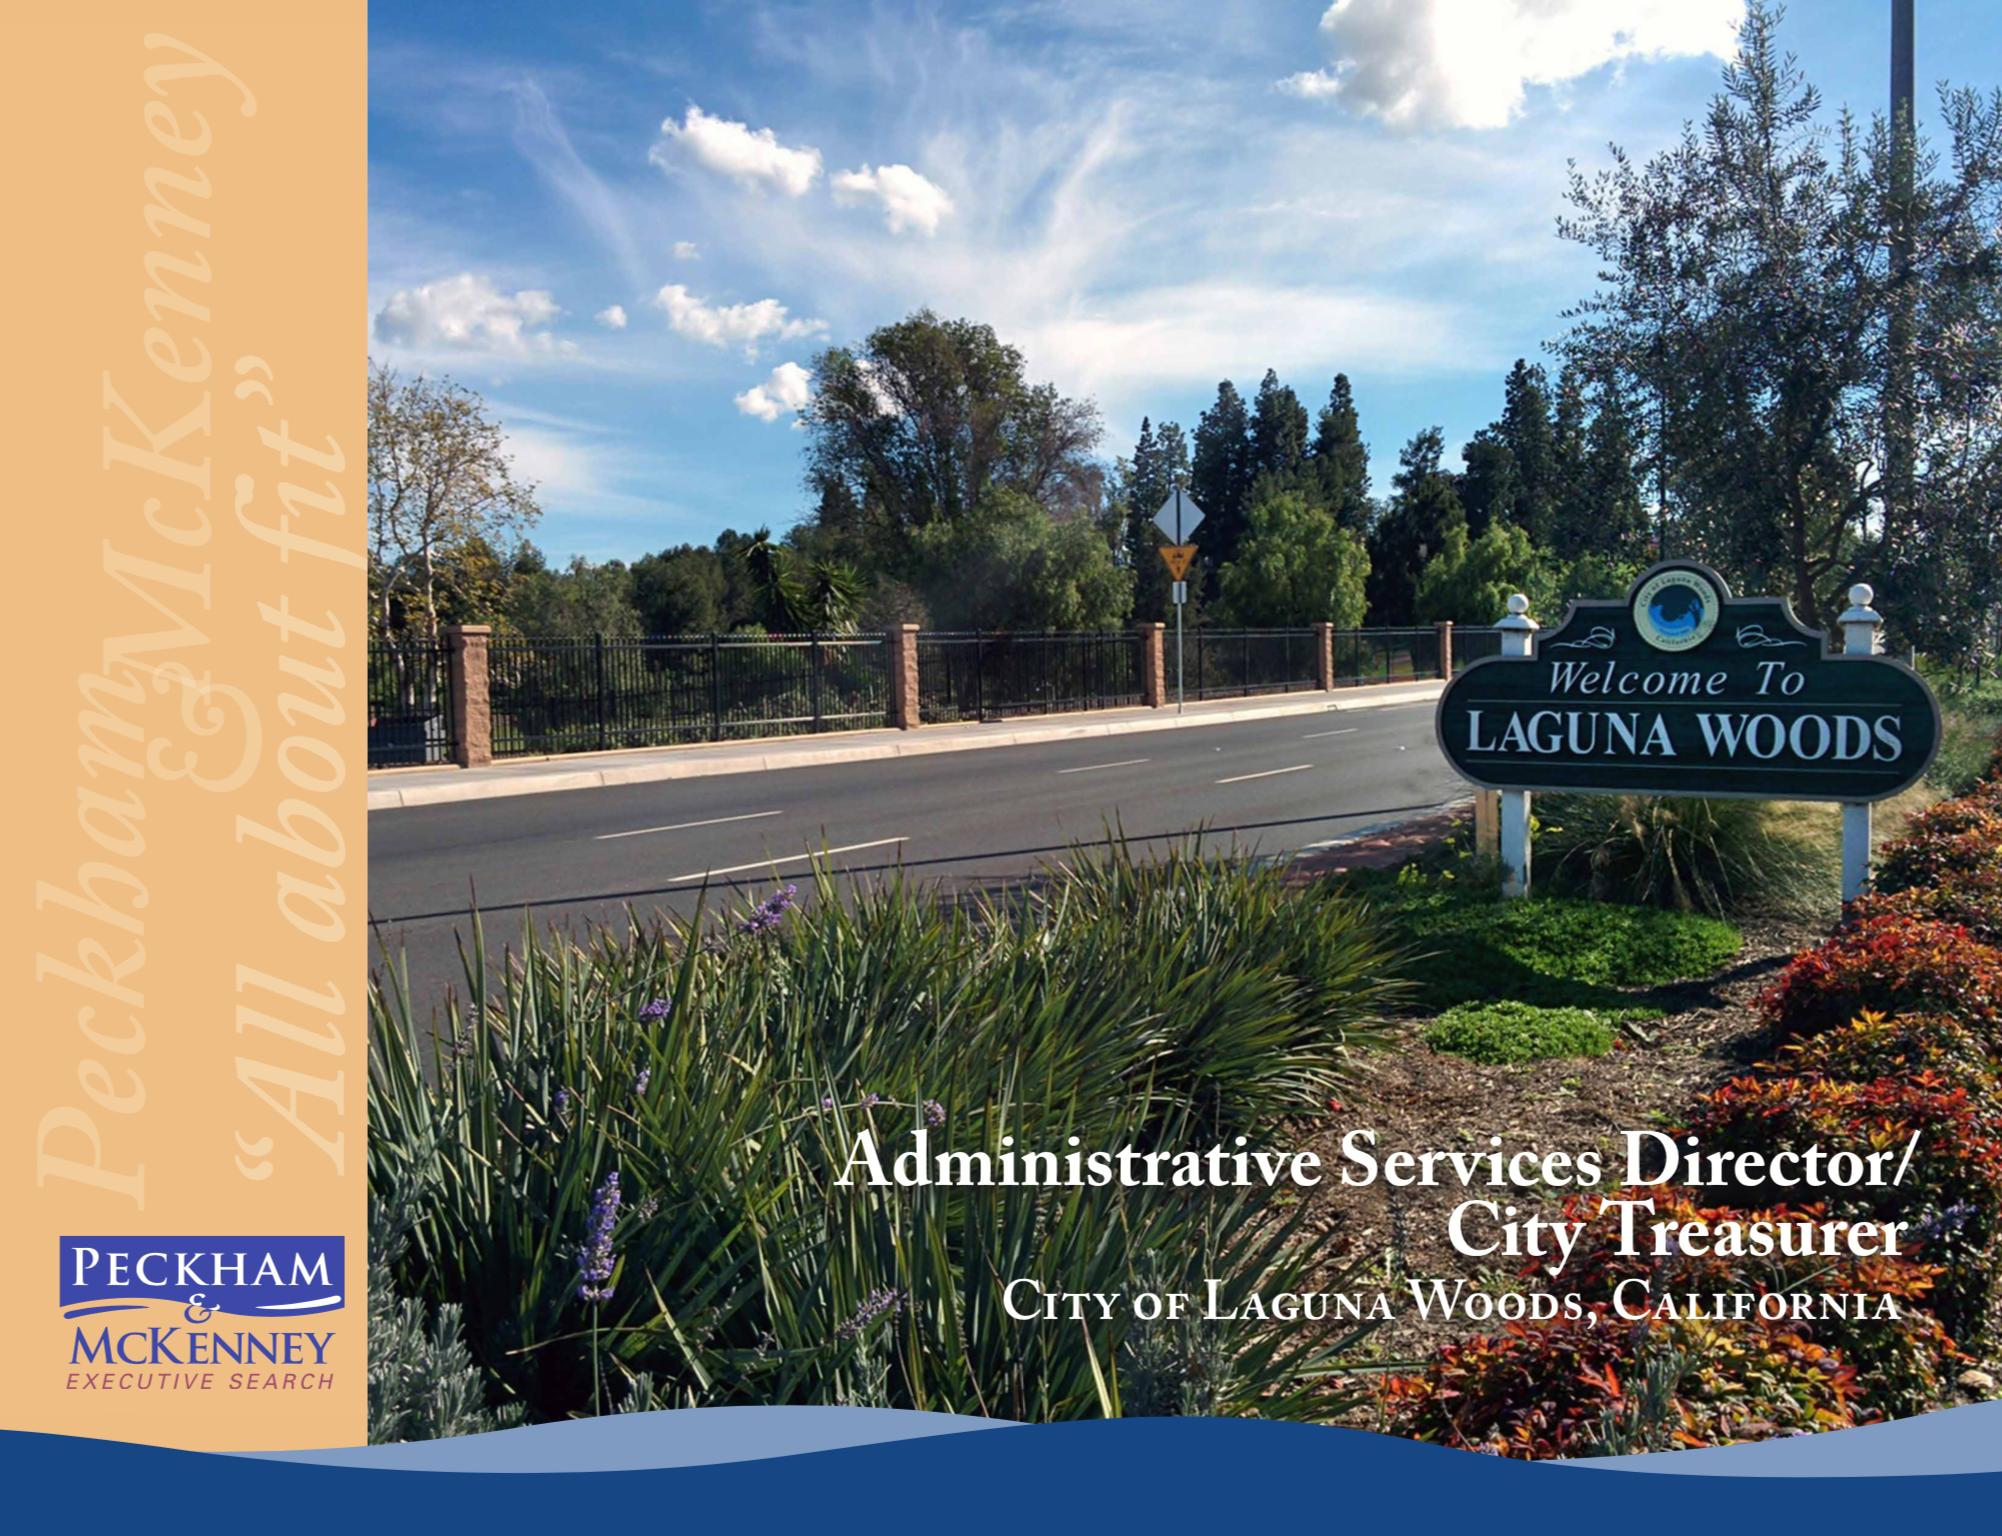 LagunaWoods_AdministrativeServiesDirector